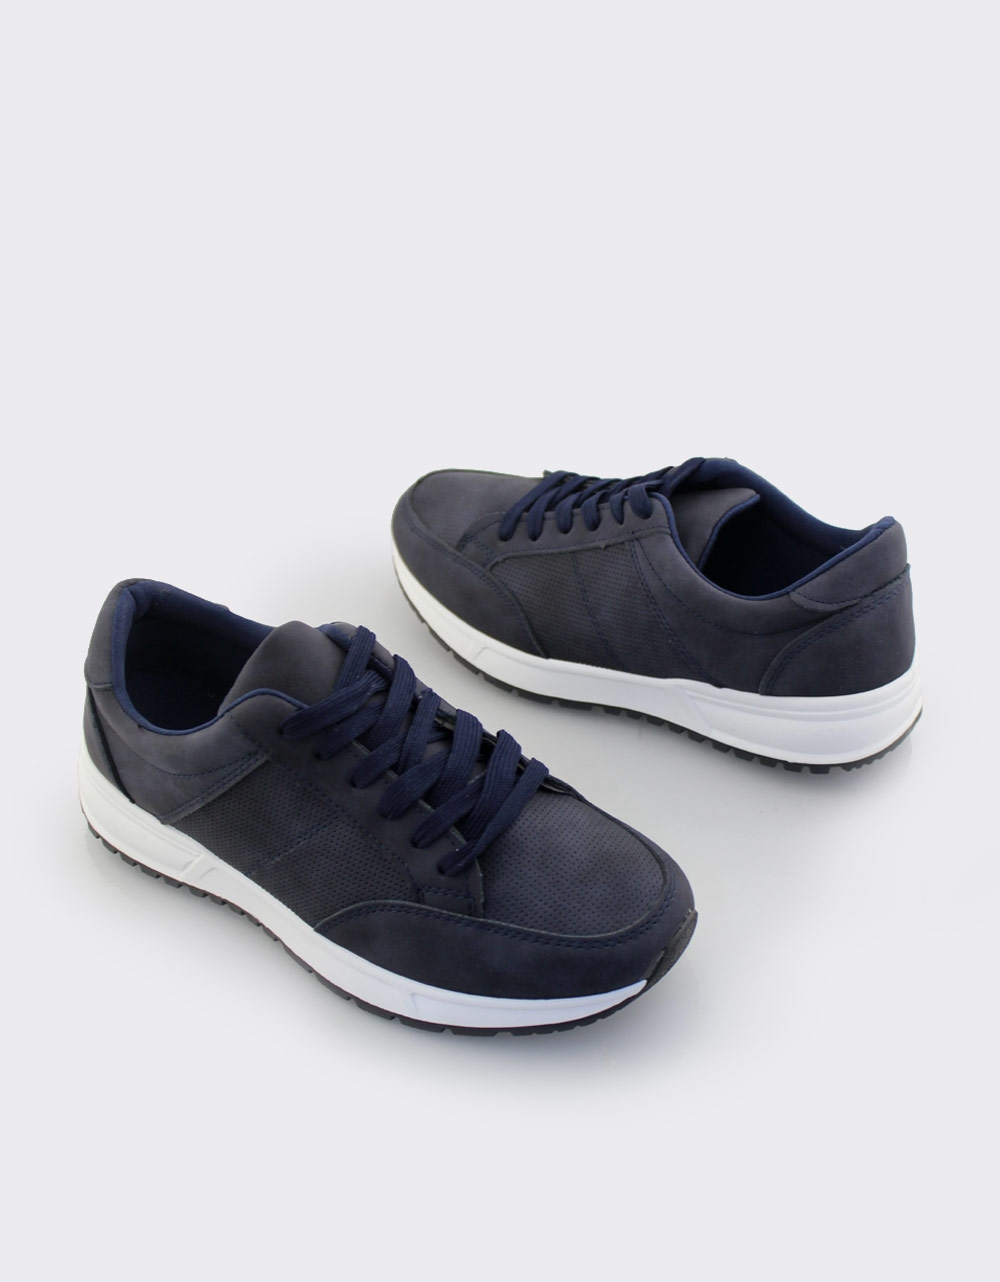 Εικόνα από Ανδρικά sneakers σε απλή γραμμή Navy